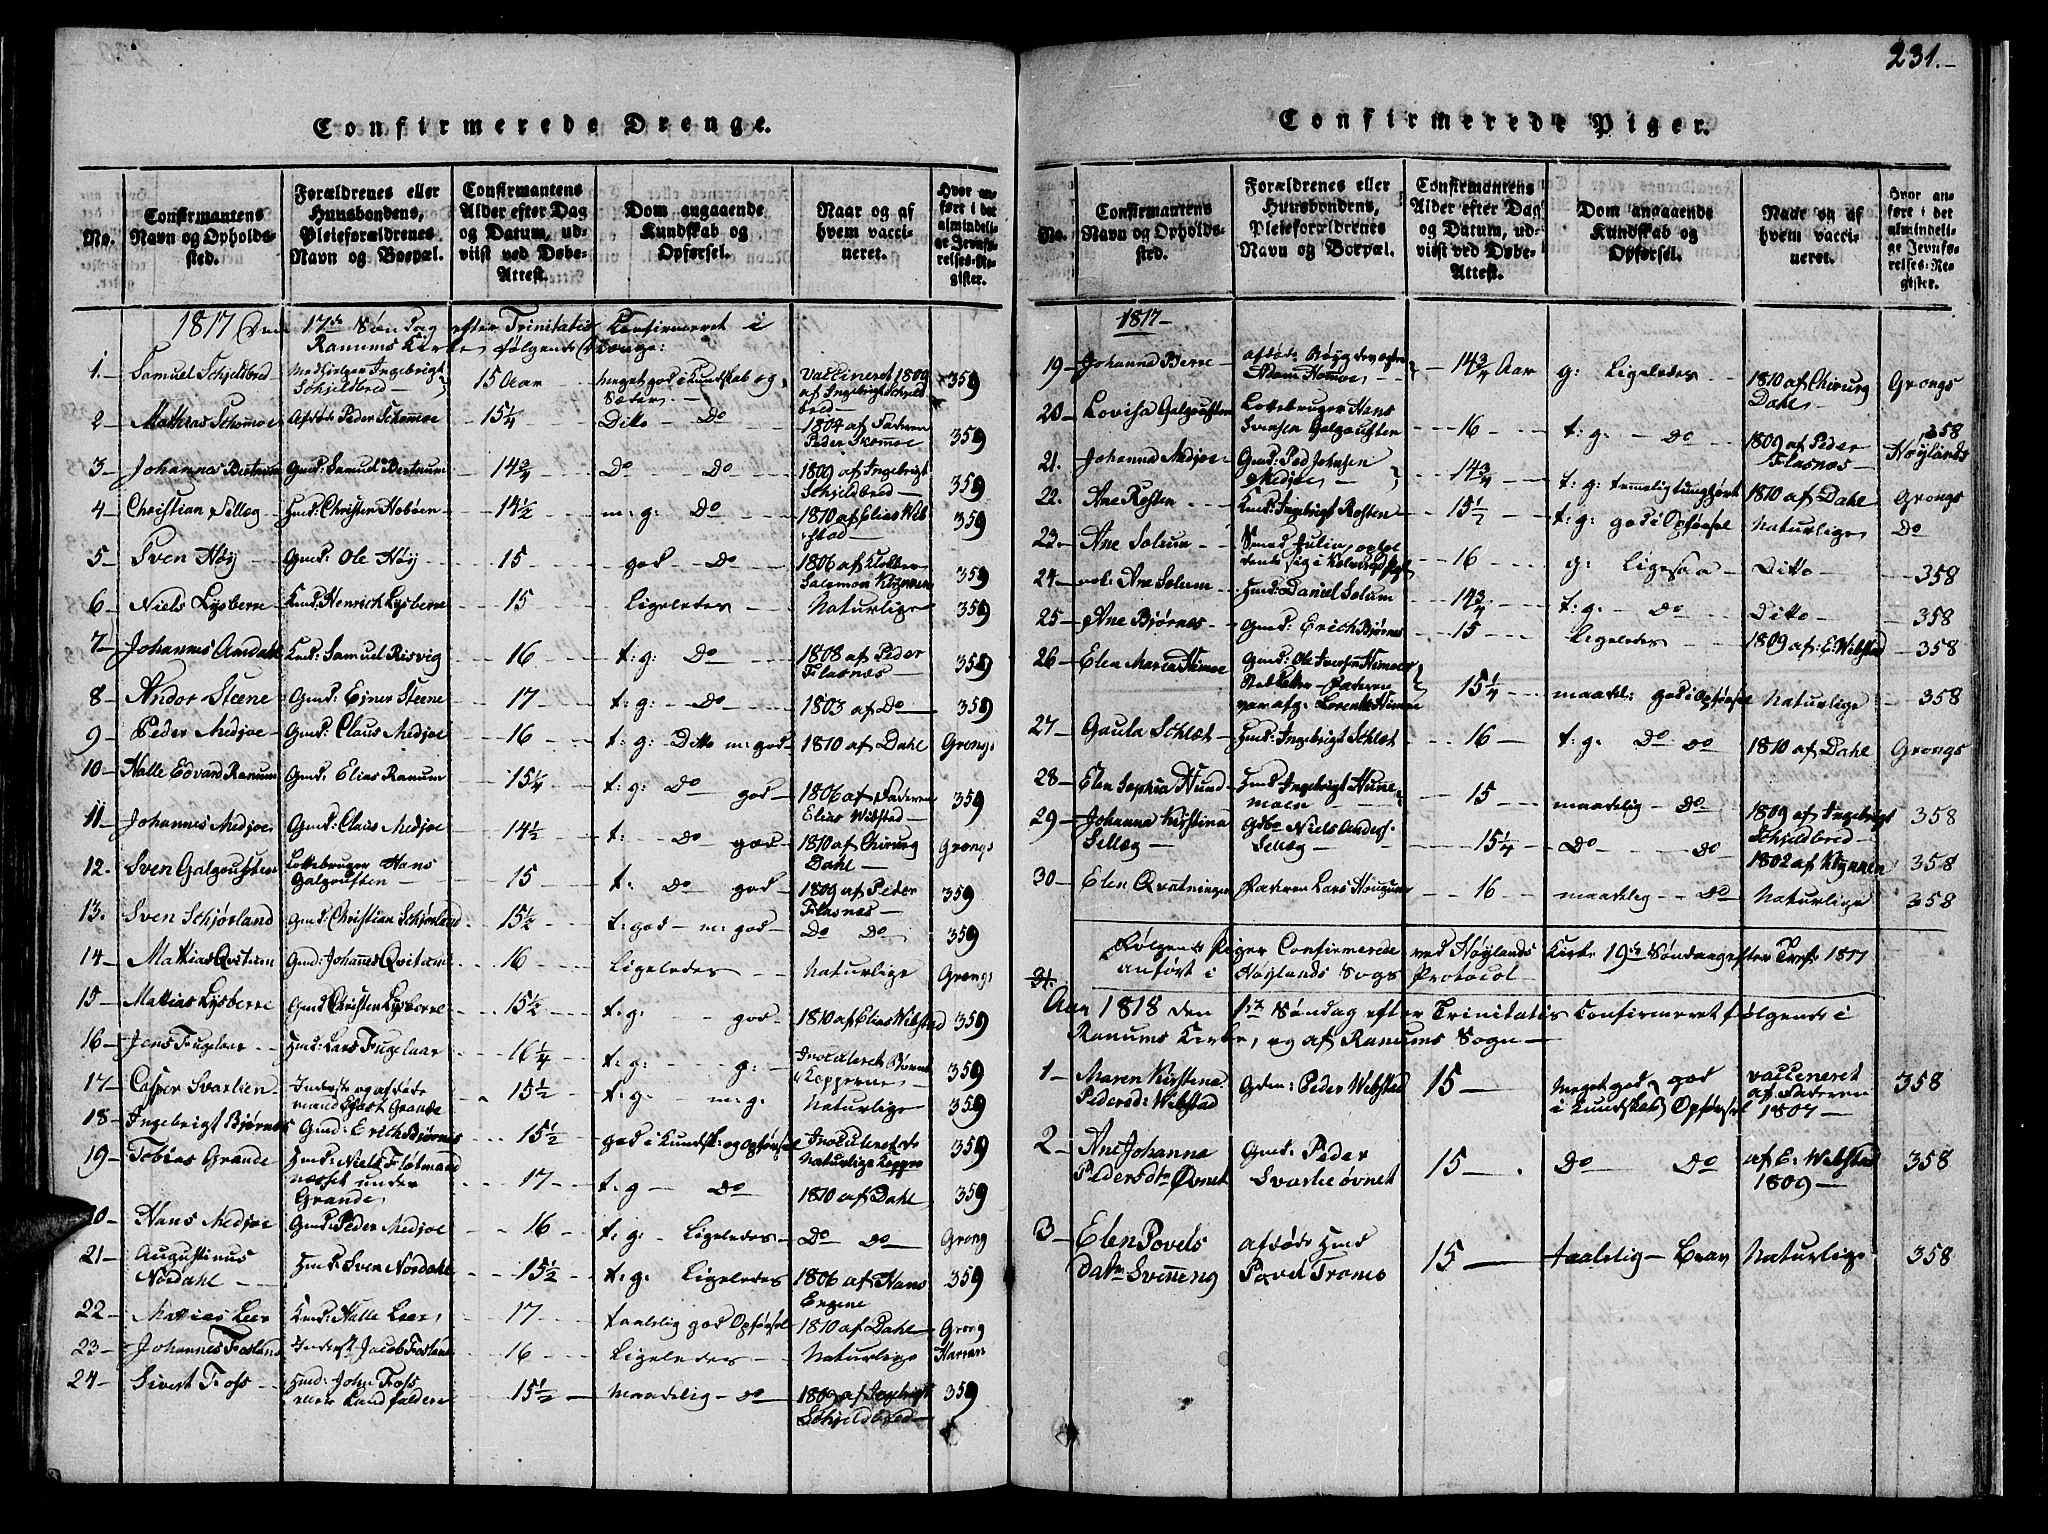 SAT, Ministerialprotokoller, klokkerbøker og fødselsregistre - Nord-Trøndelag, 764/L0559: Klokkerbok nr. 764C01, 1816-1824, s. 231